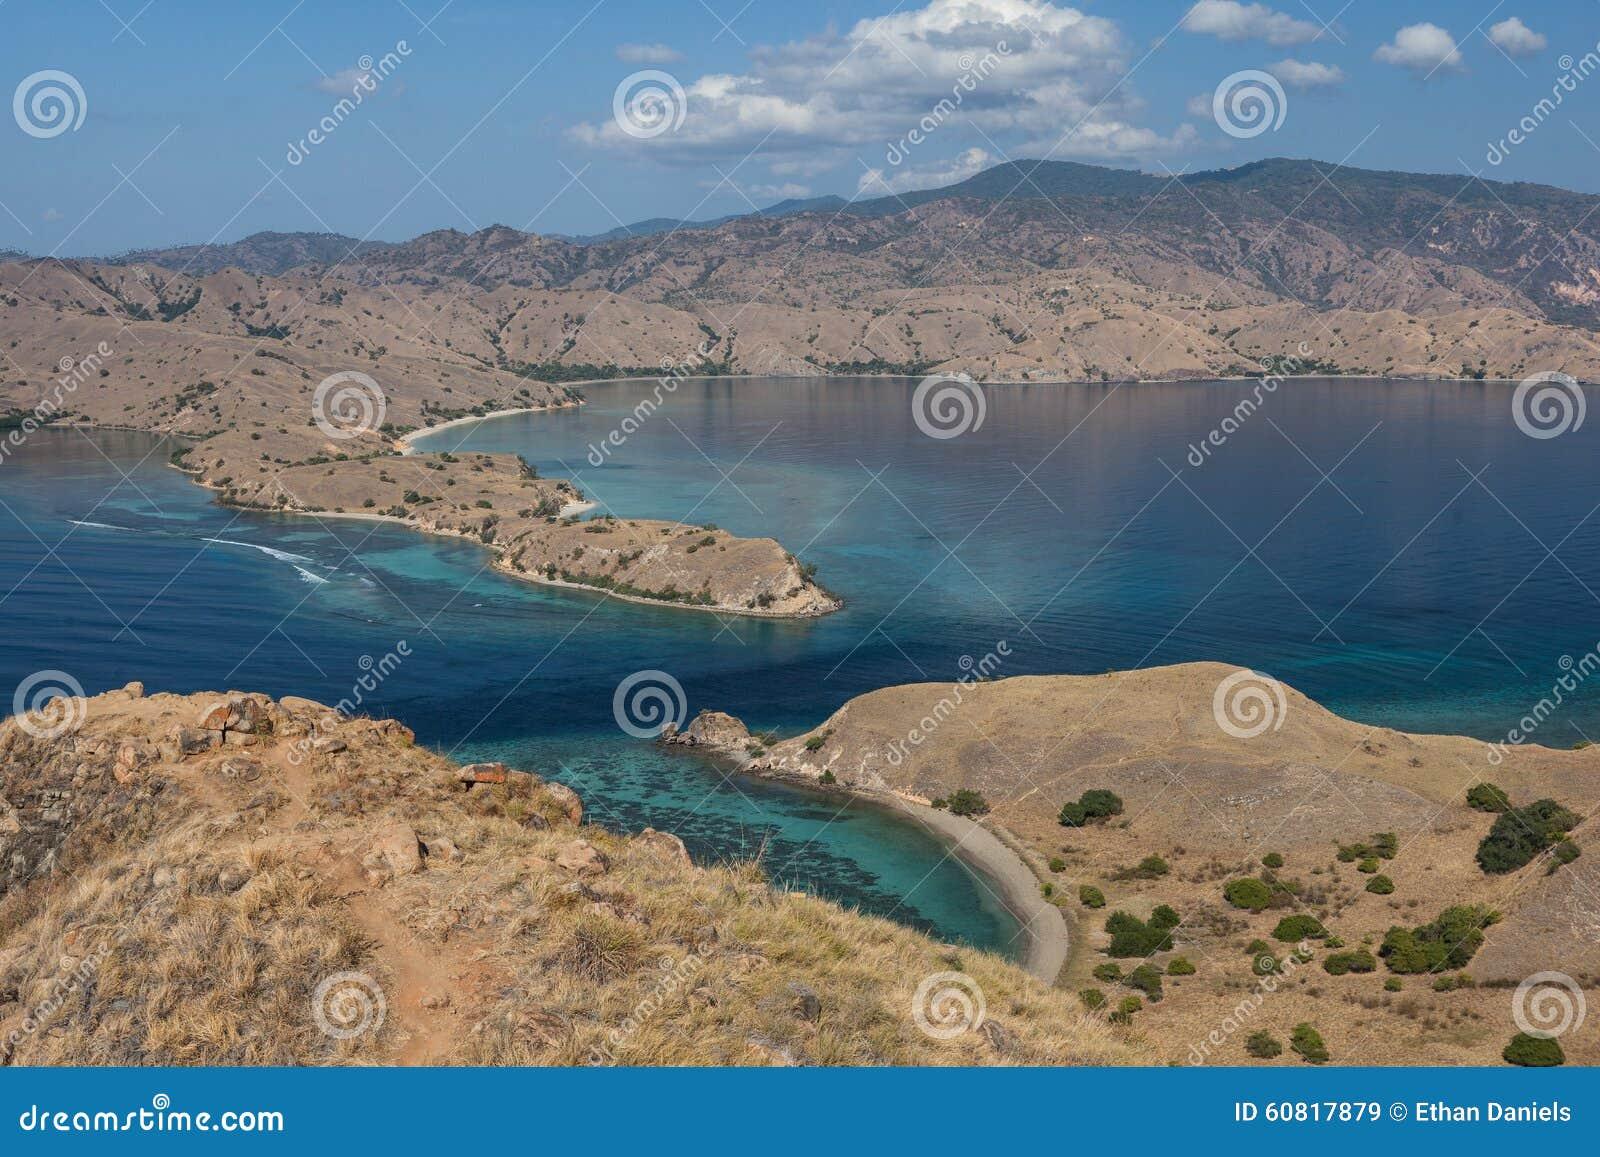 Manica nel parco nazionale di komodo fotografia stock for Bagno a ripoli dove si trova